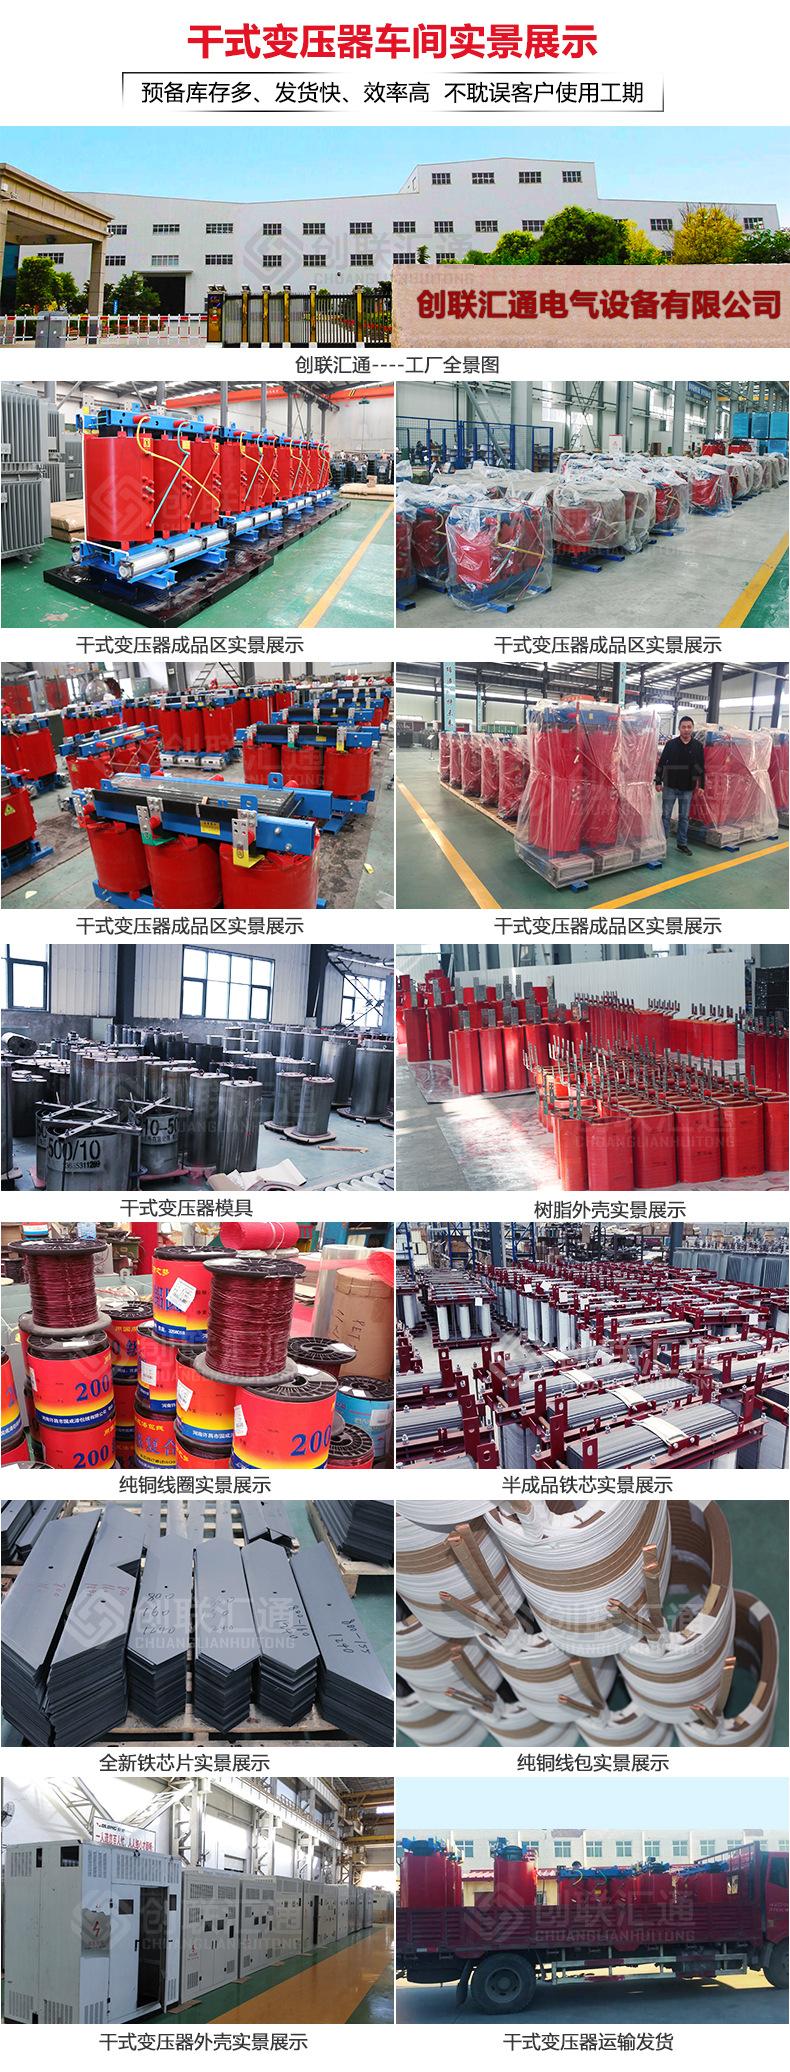 SCBH15-1250kva非晶合金干式变压器全铜材质、生产厂家-创联汇通示例图11